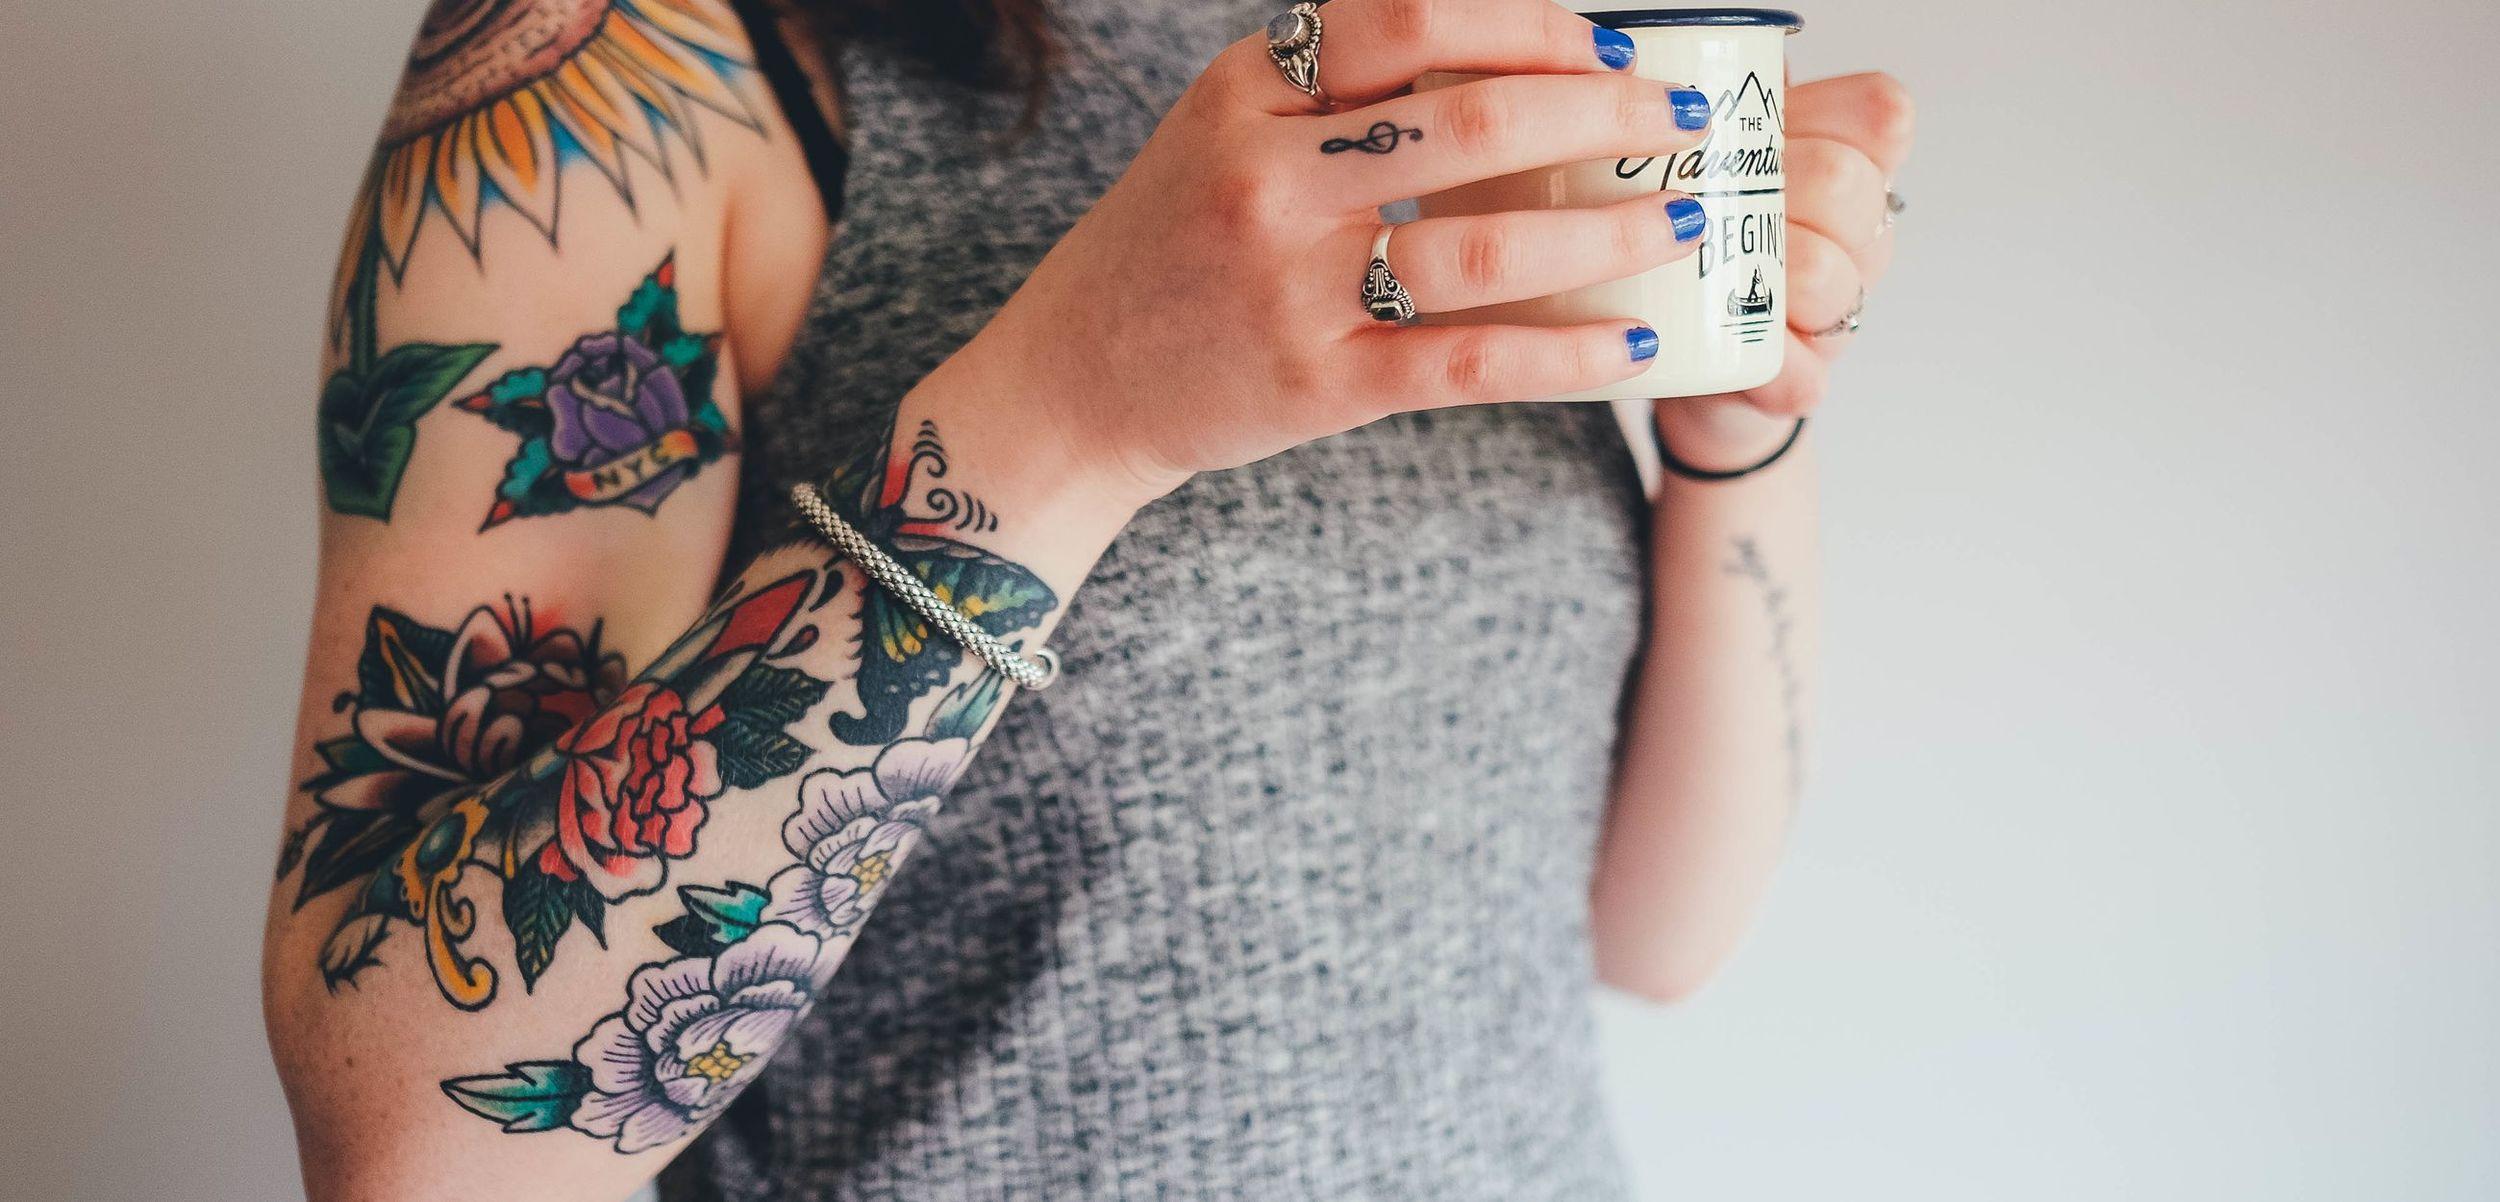 tattoo1.jpeg